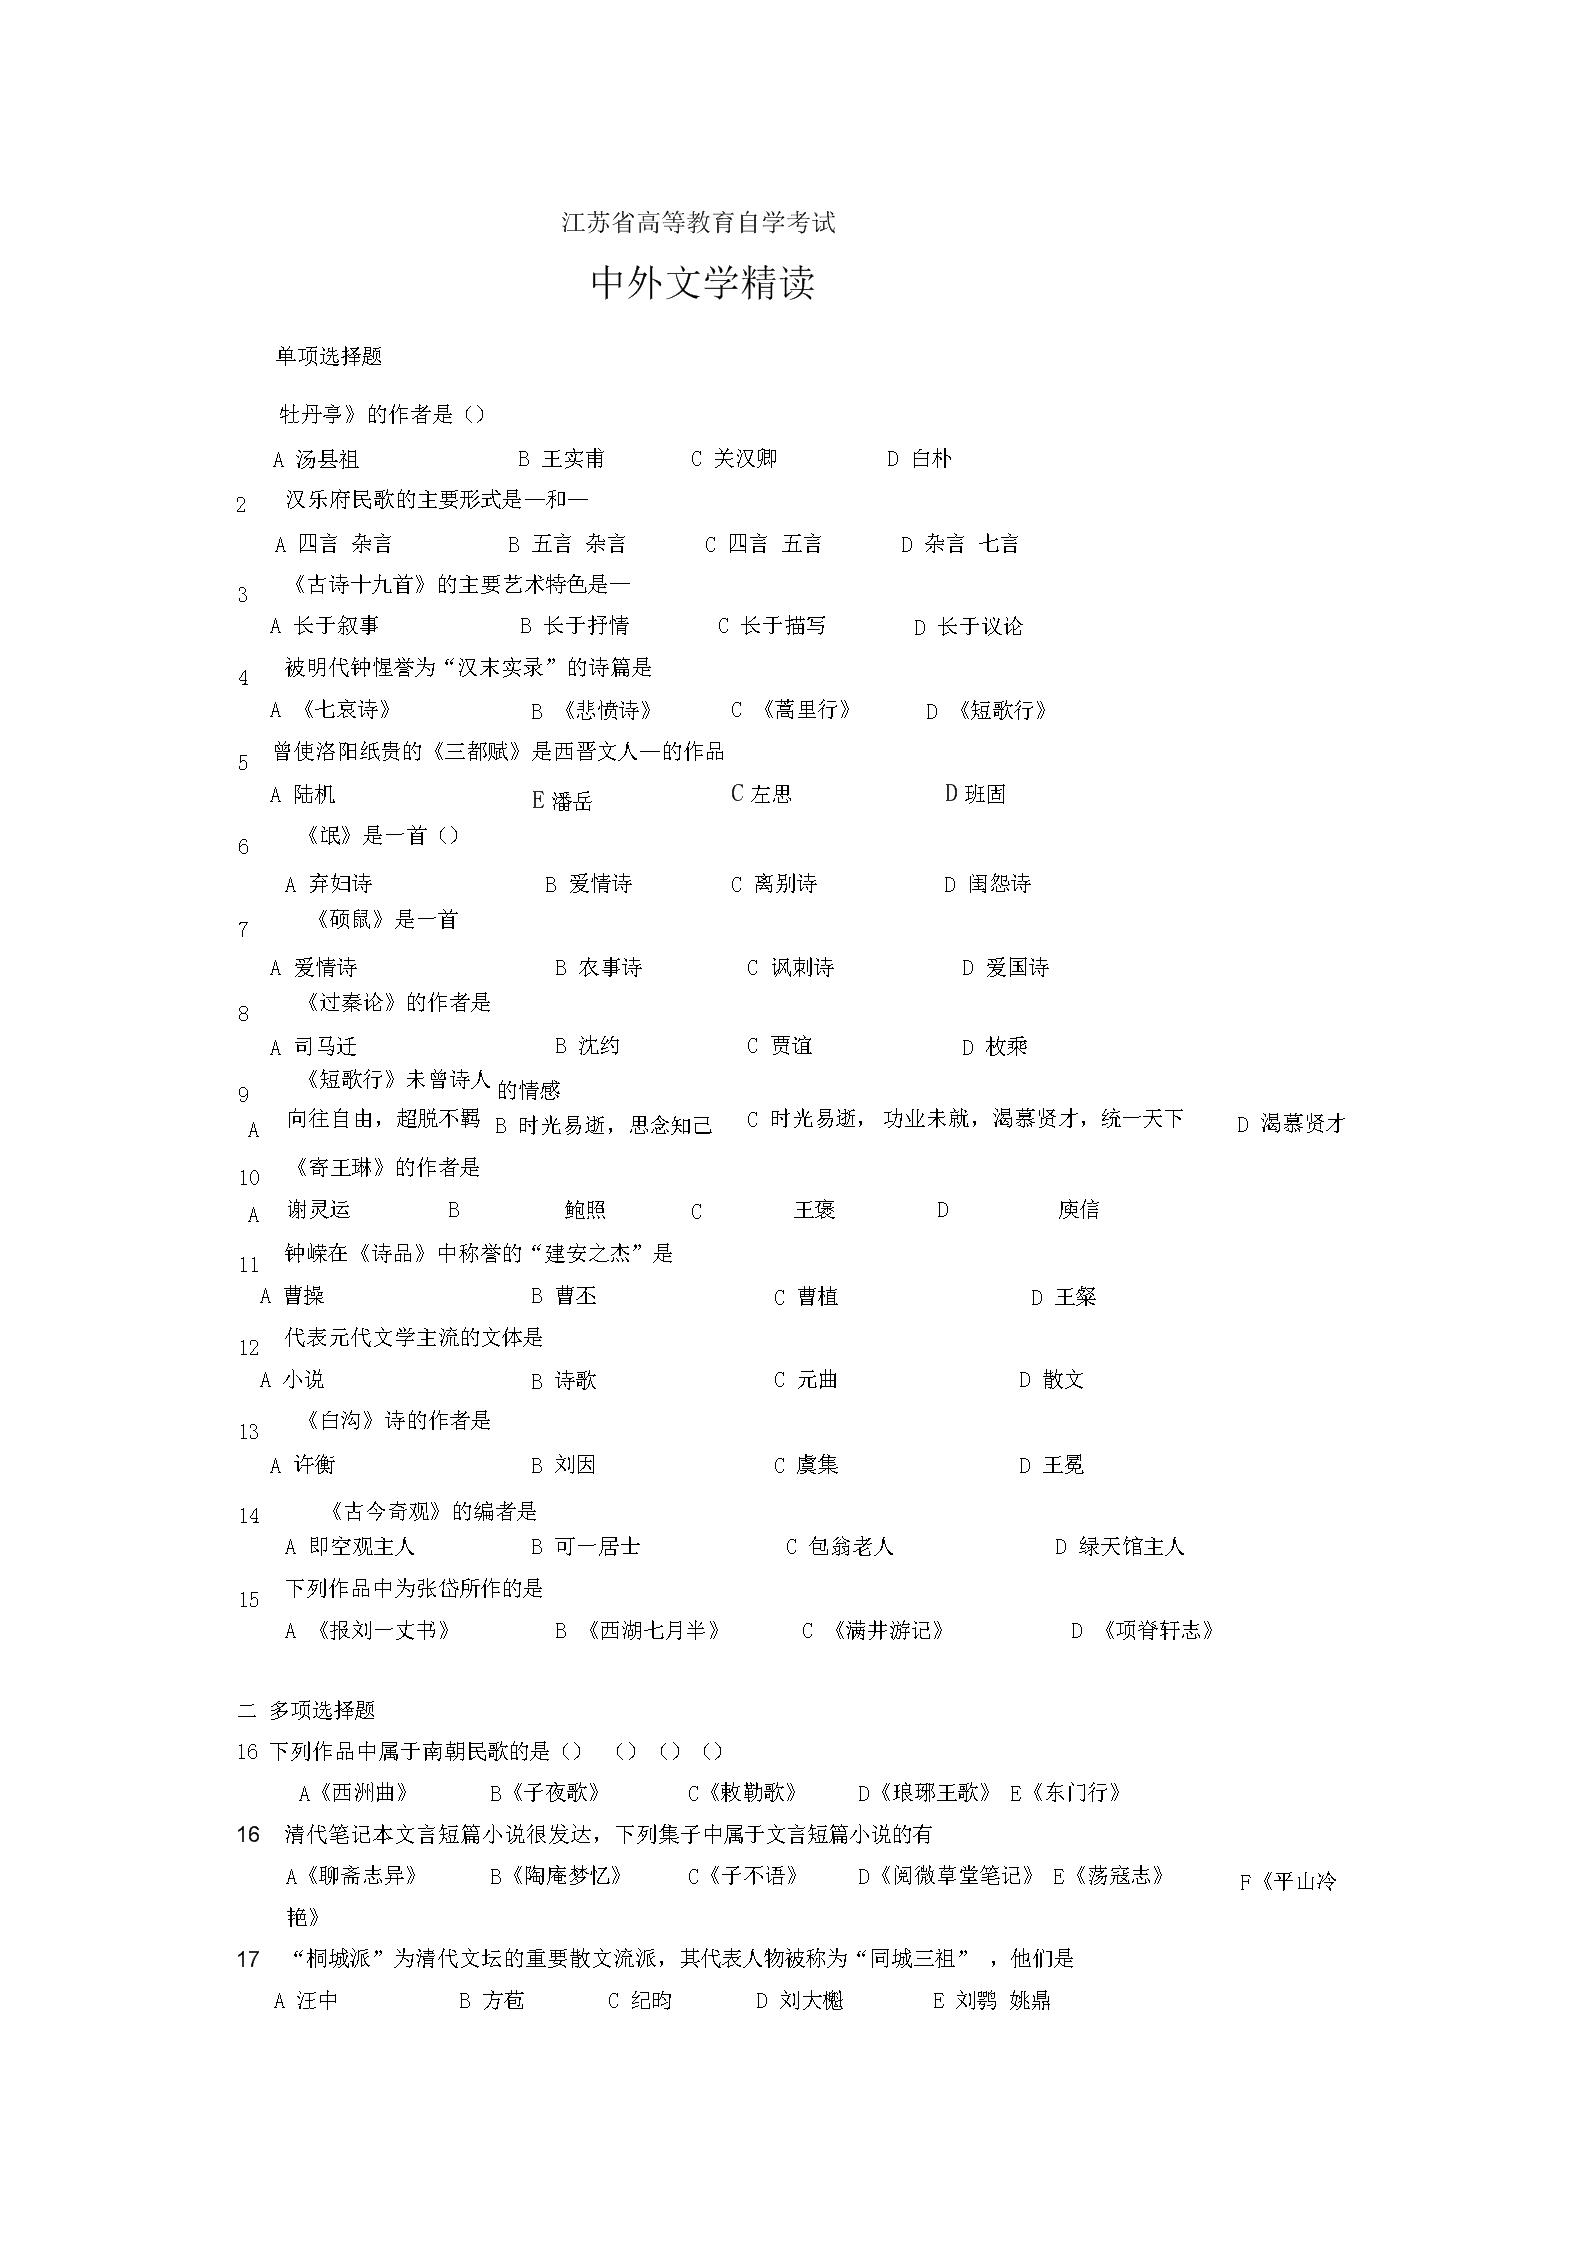 江苏省高等教育自学考试2及答案.docx